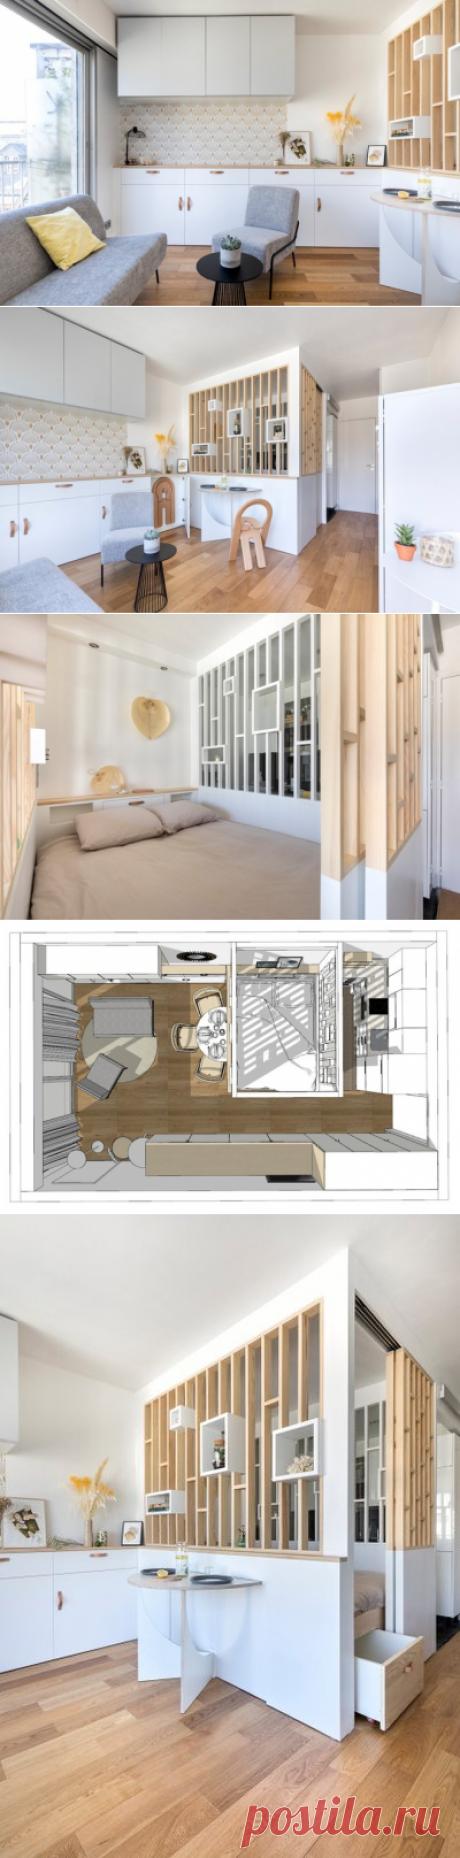 До и после: Студия 30 кв.м со спрятанным столом в Париже